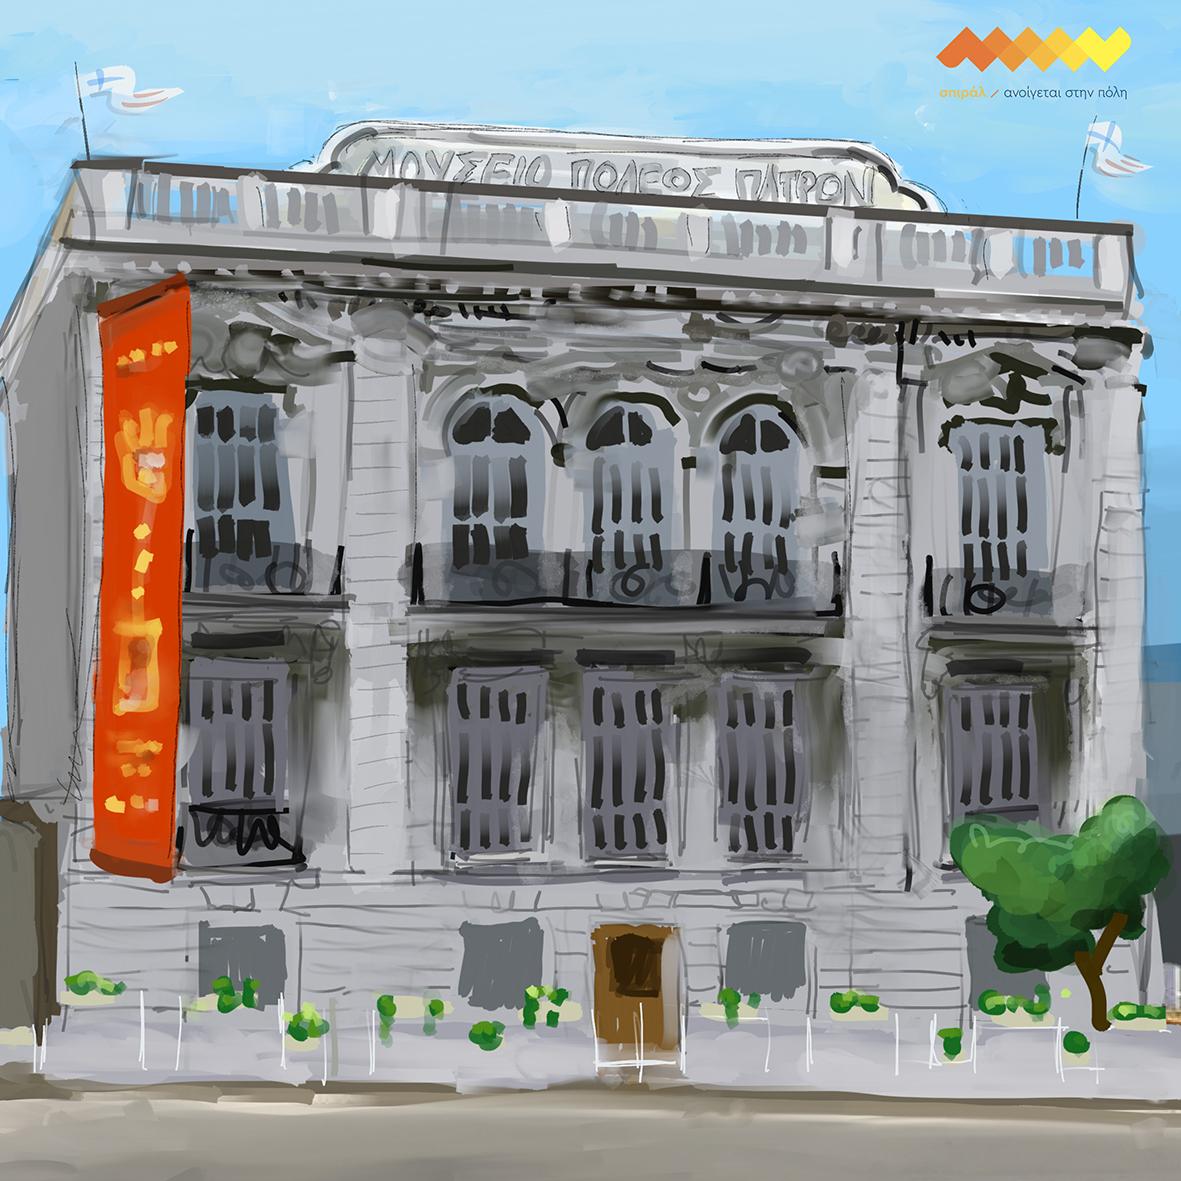 Μουσείο Πόλης